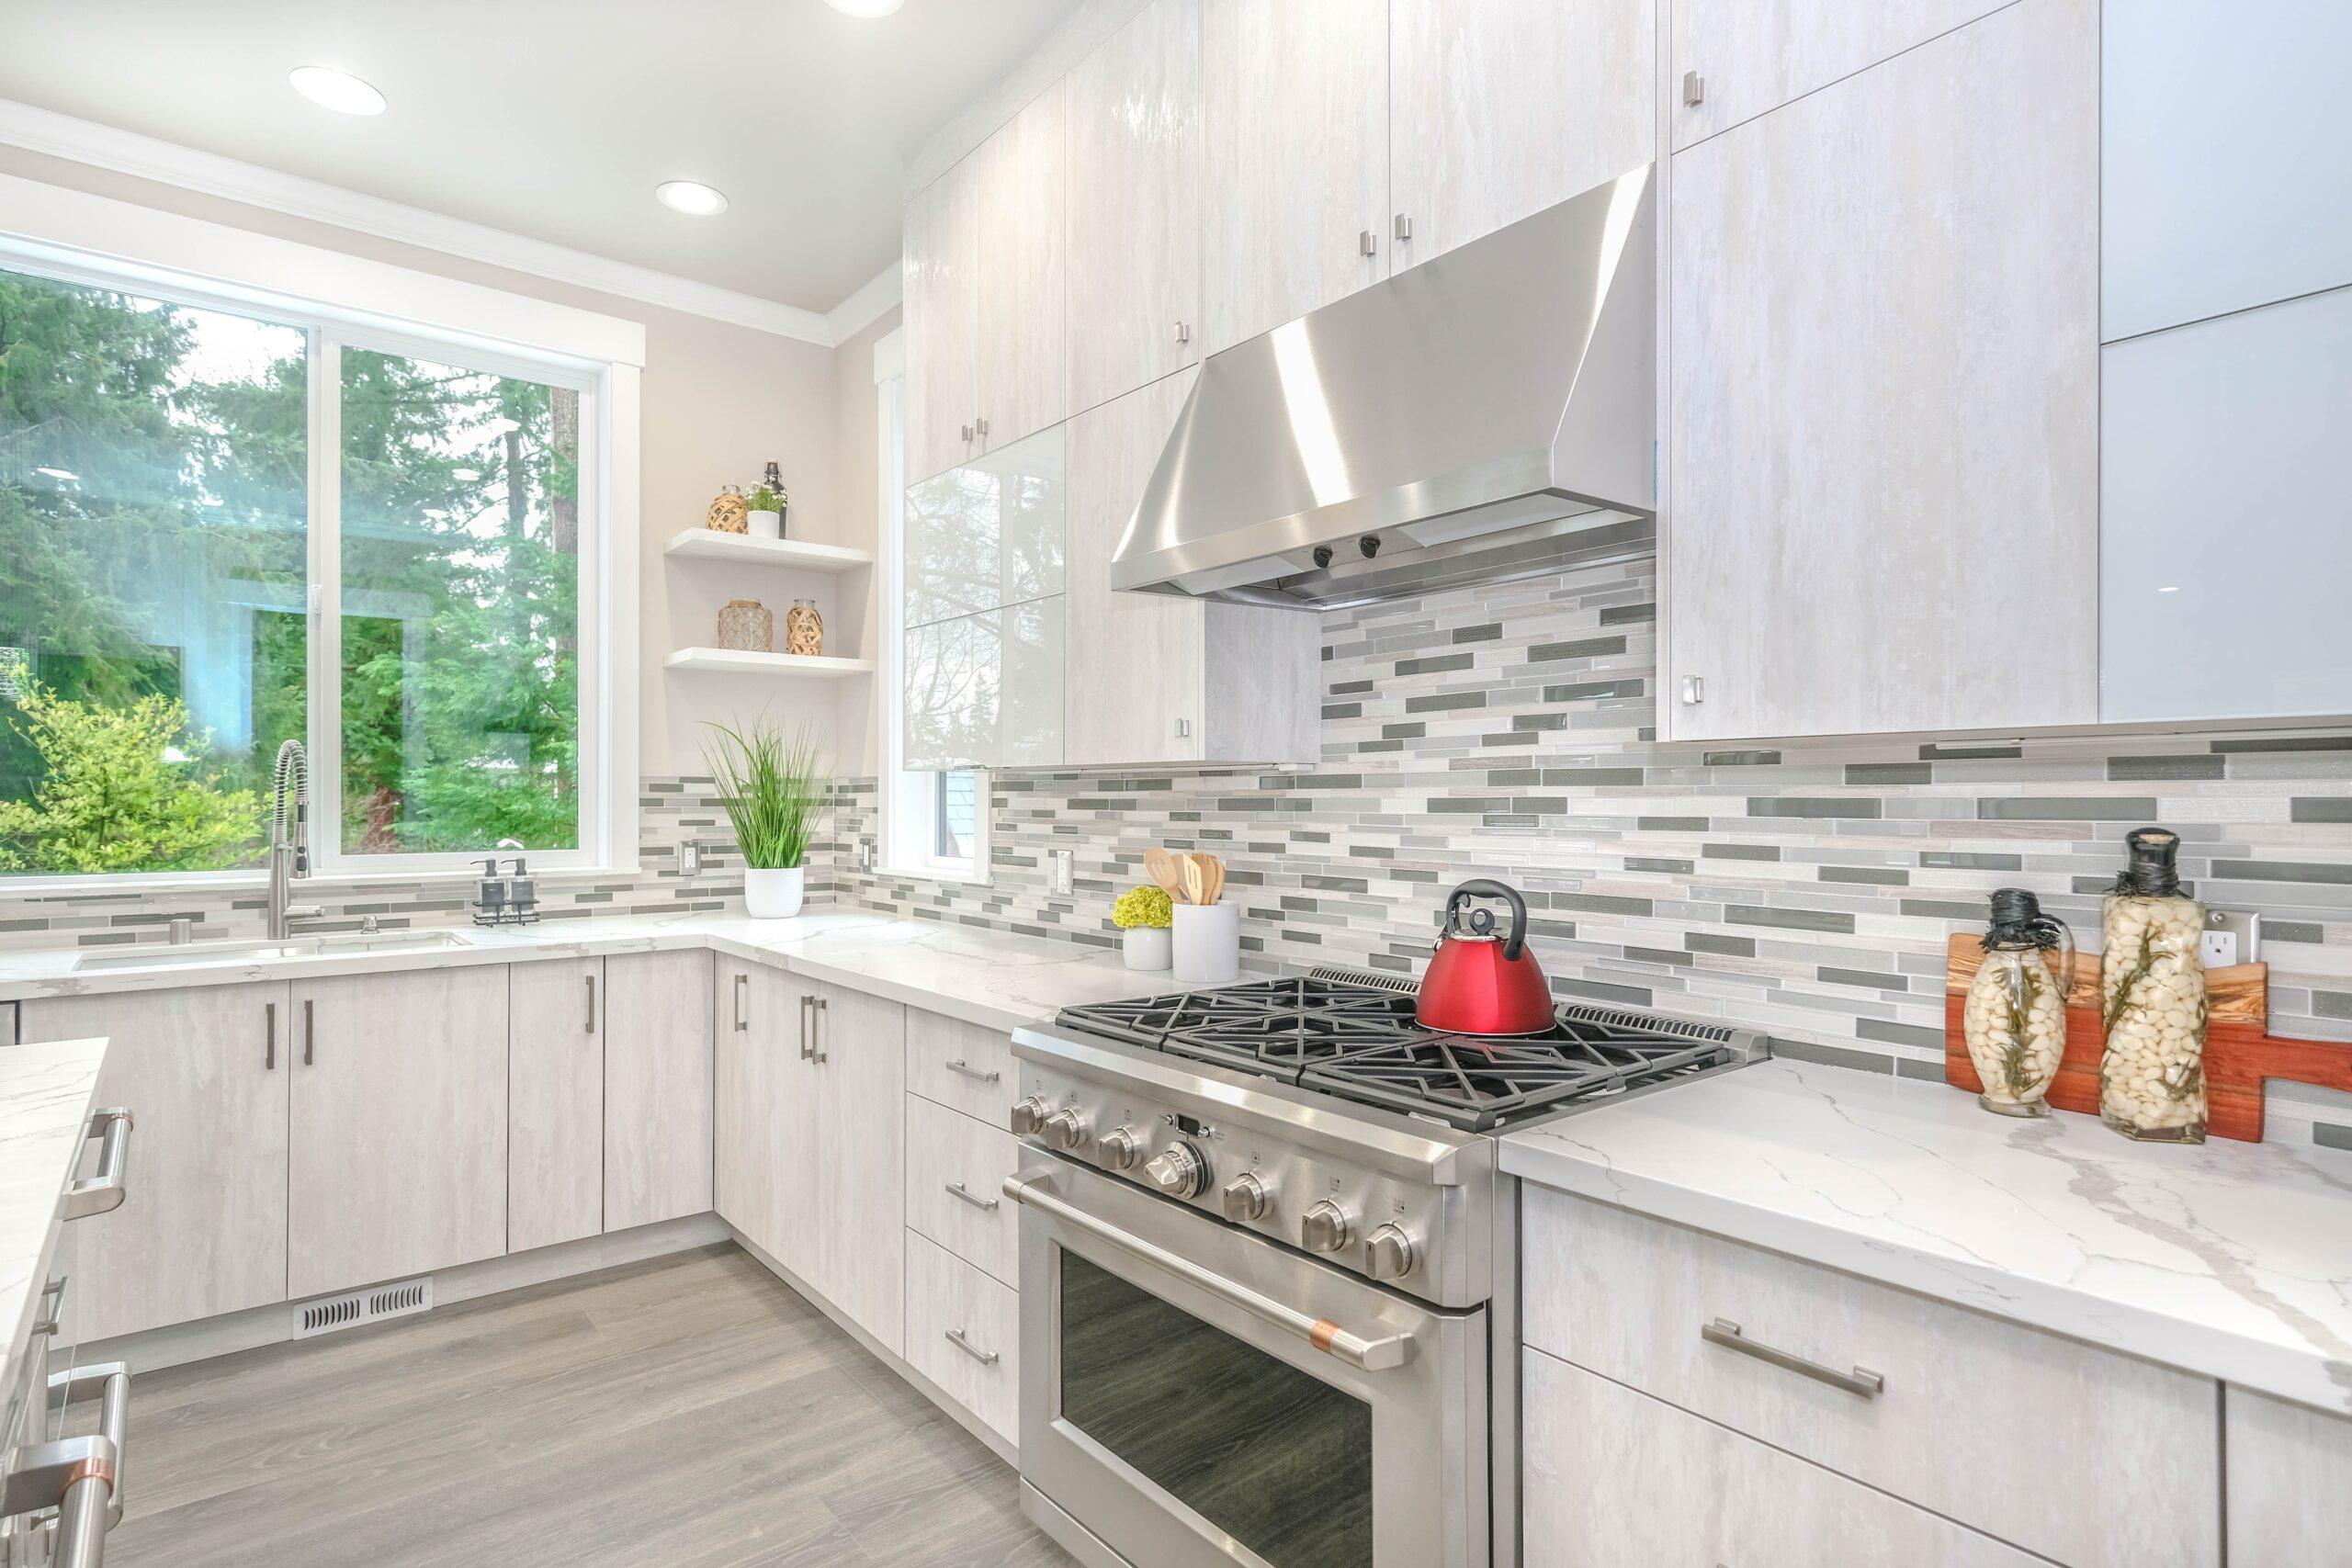 Four Kitchen Backsplash Ideas We Love